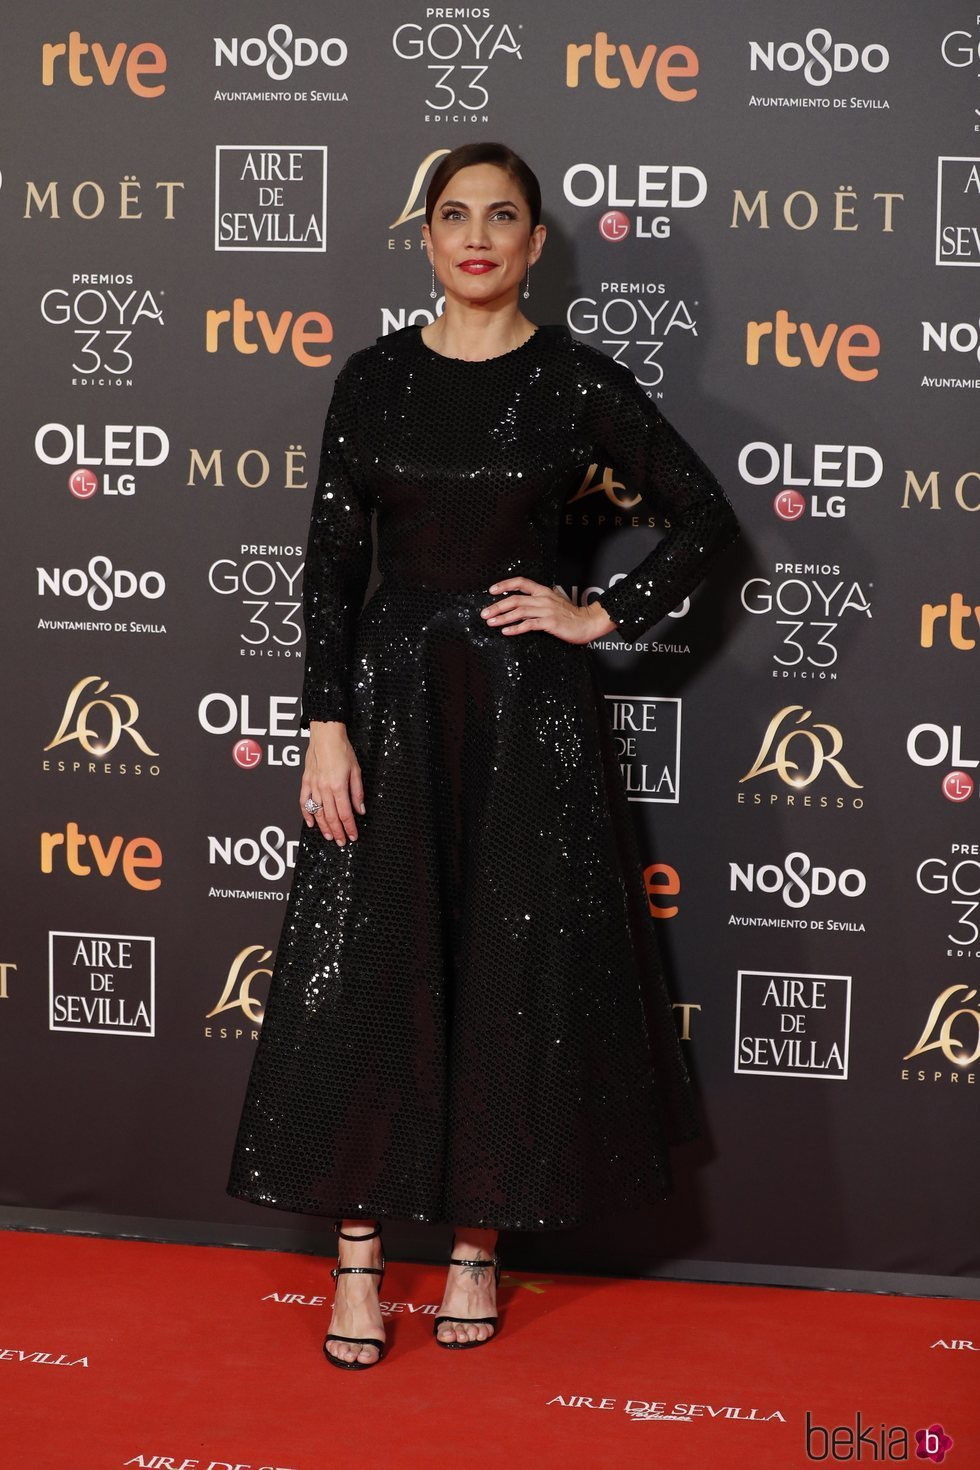 Toni Acosta en la alfombra roja de los Premios Goya 2019